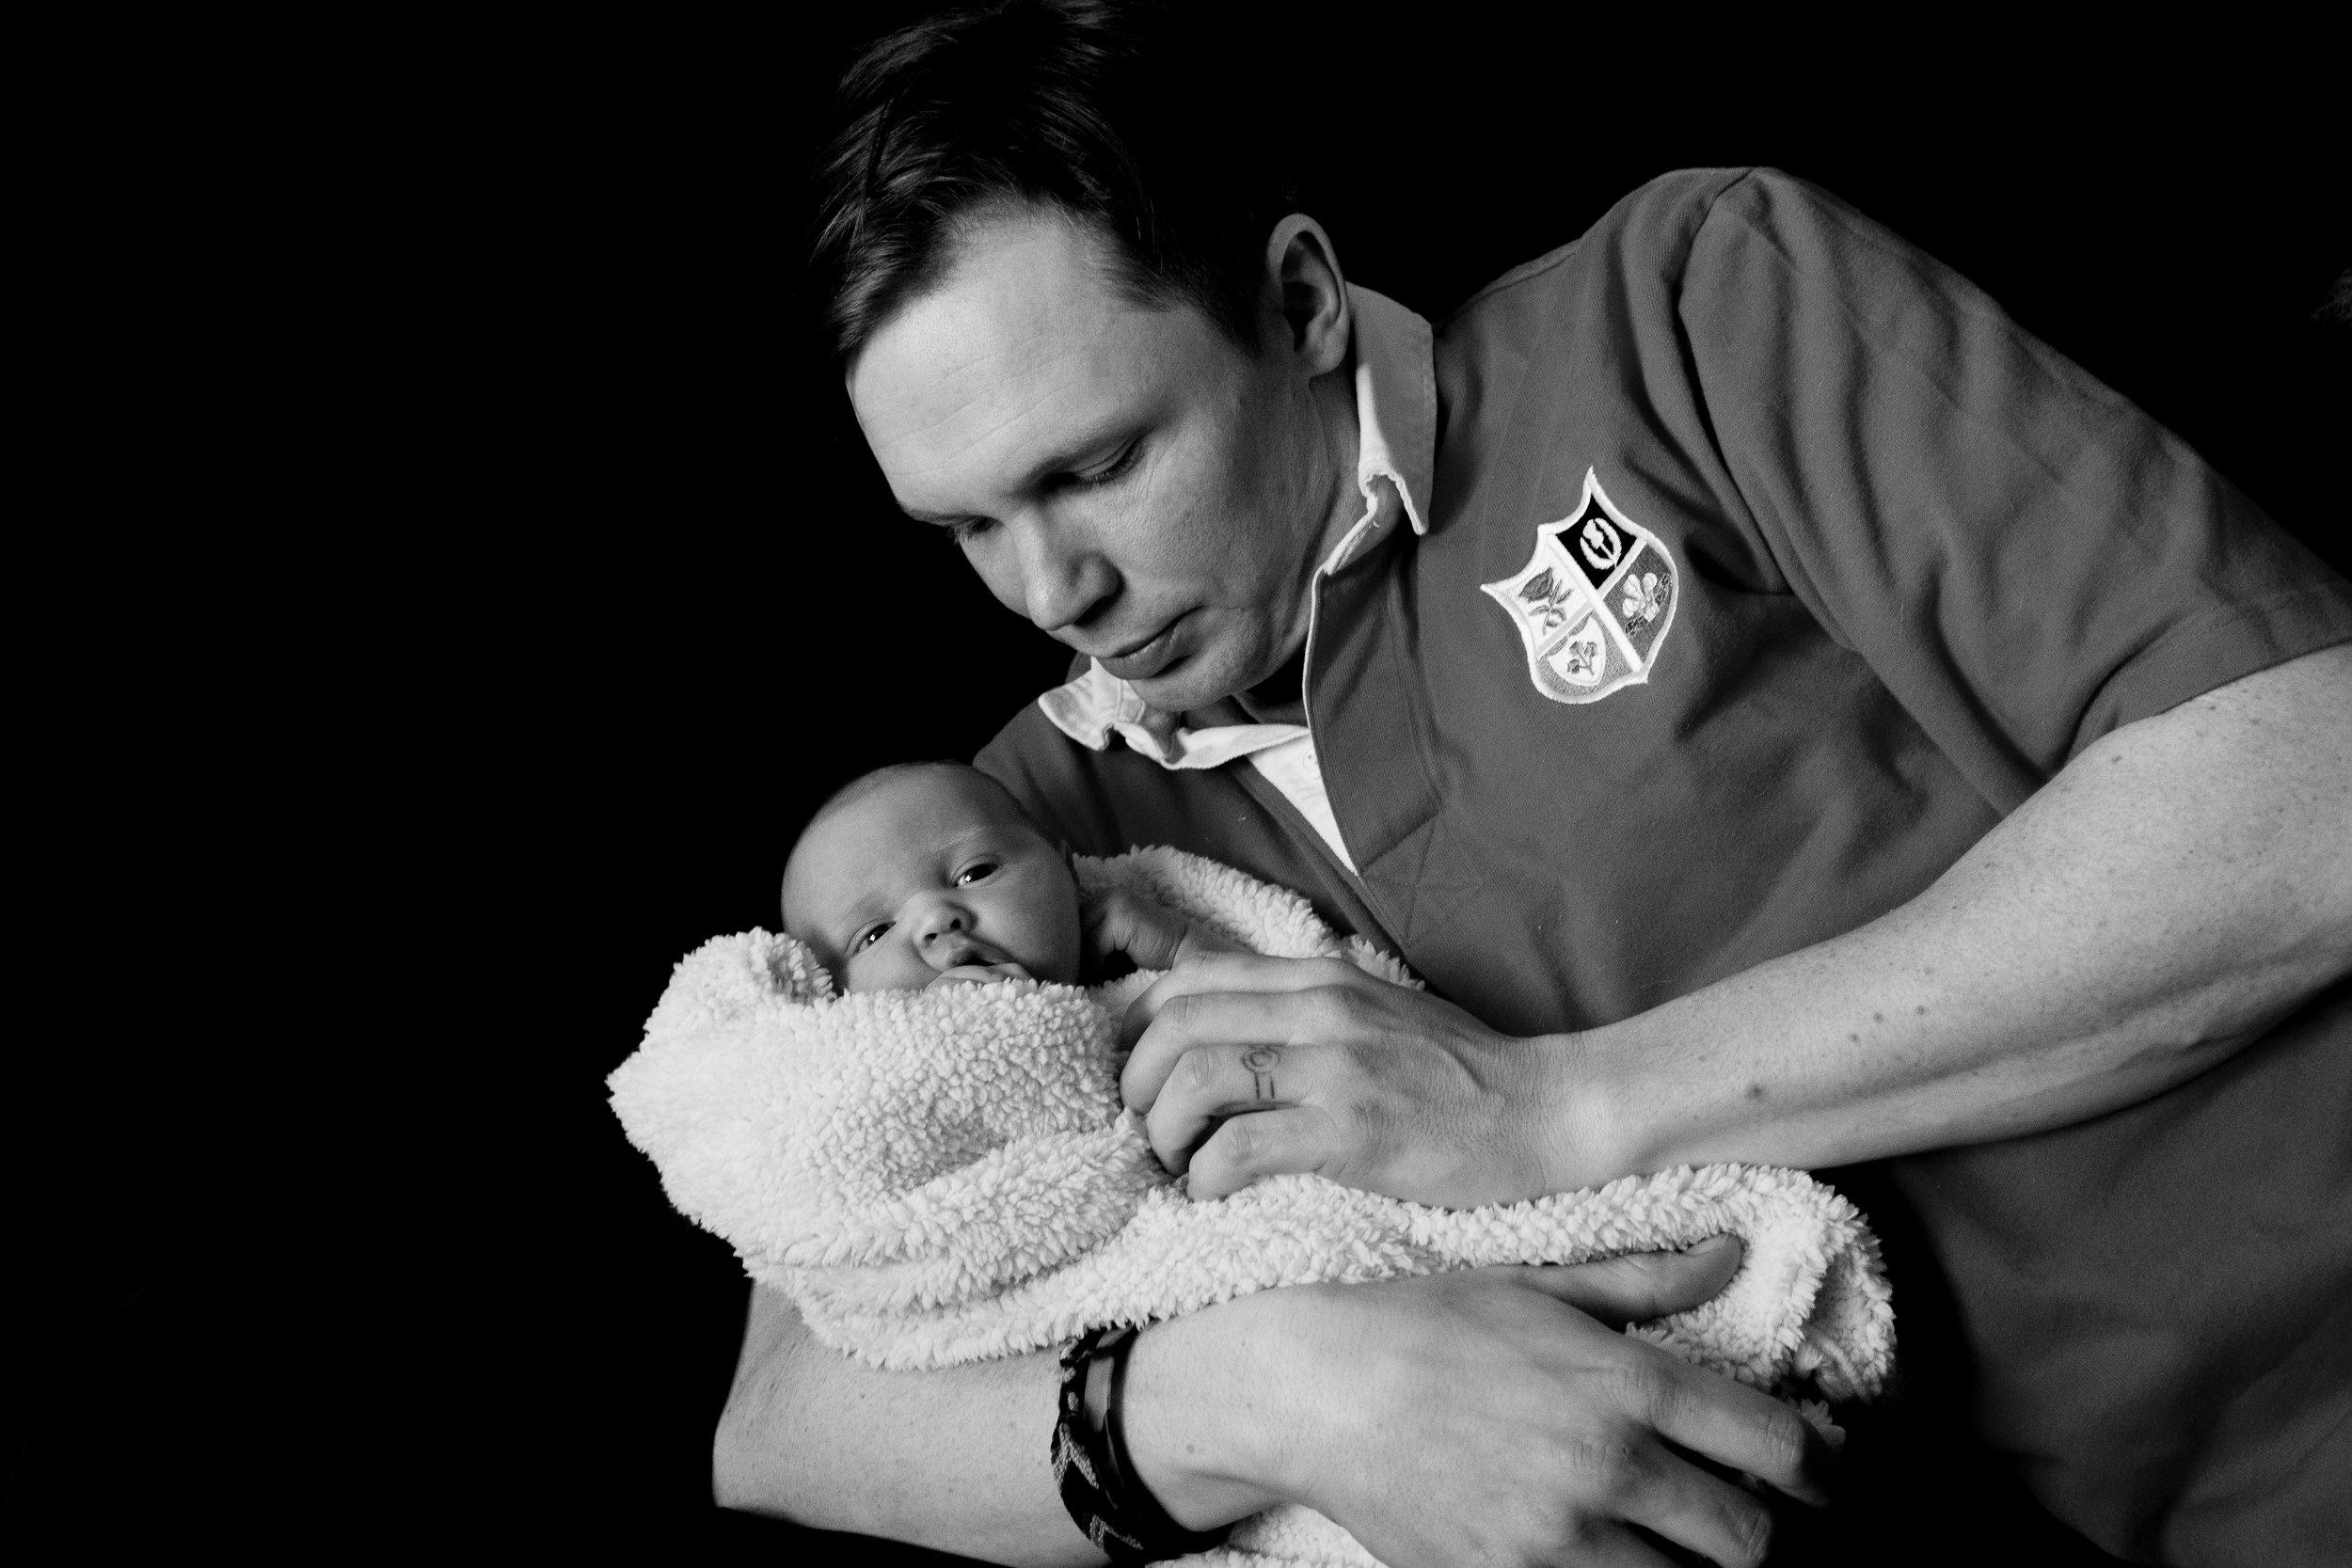 calgary newborn photo 1